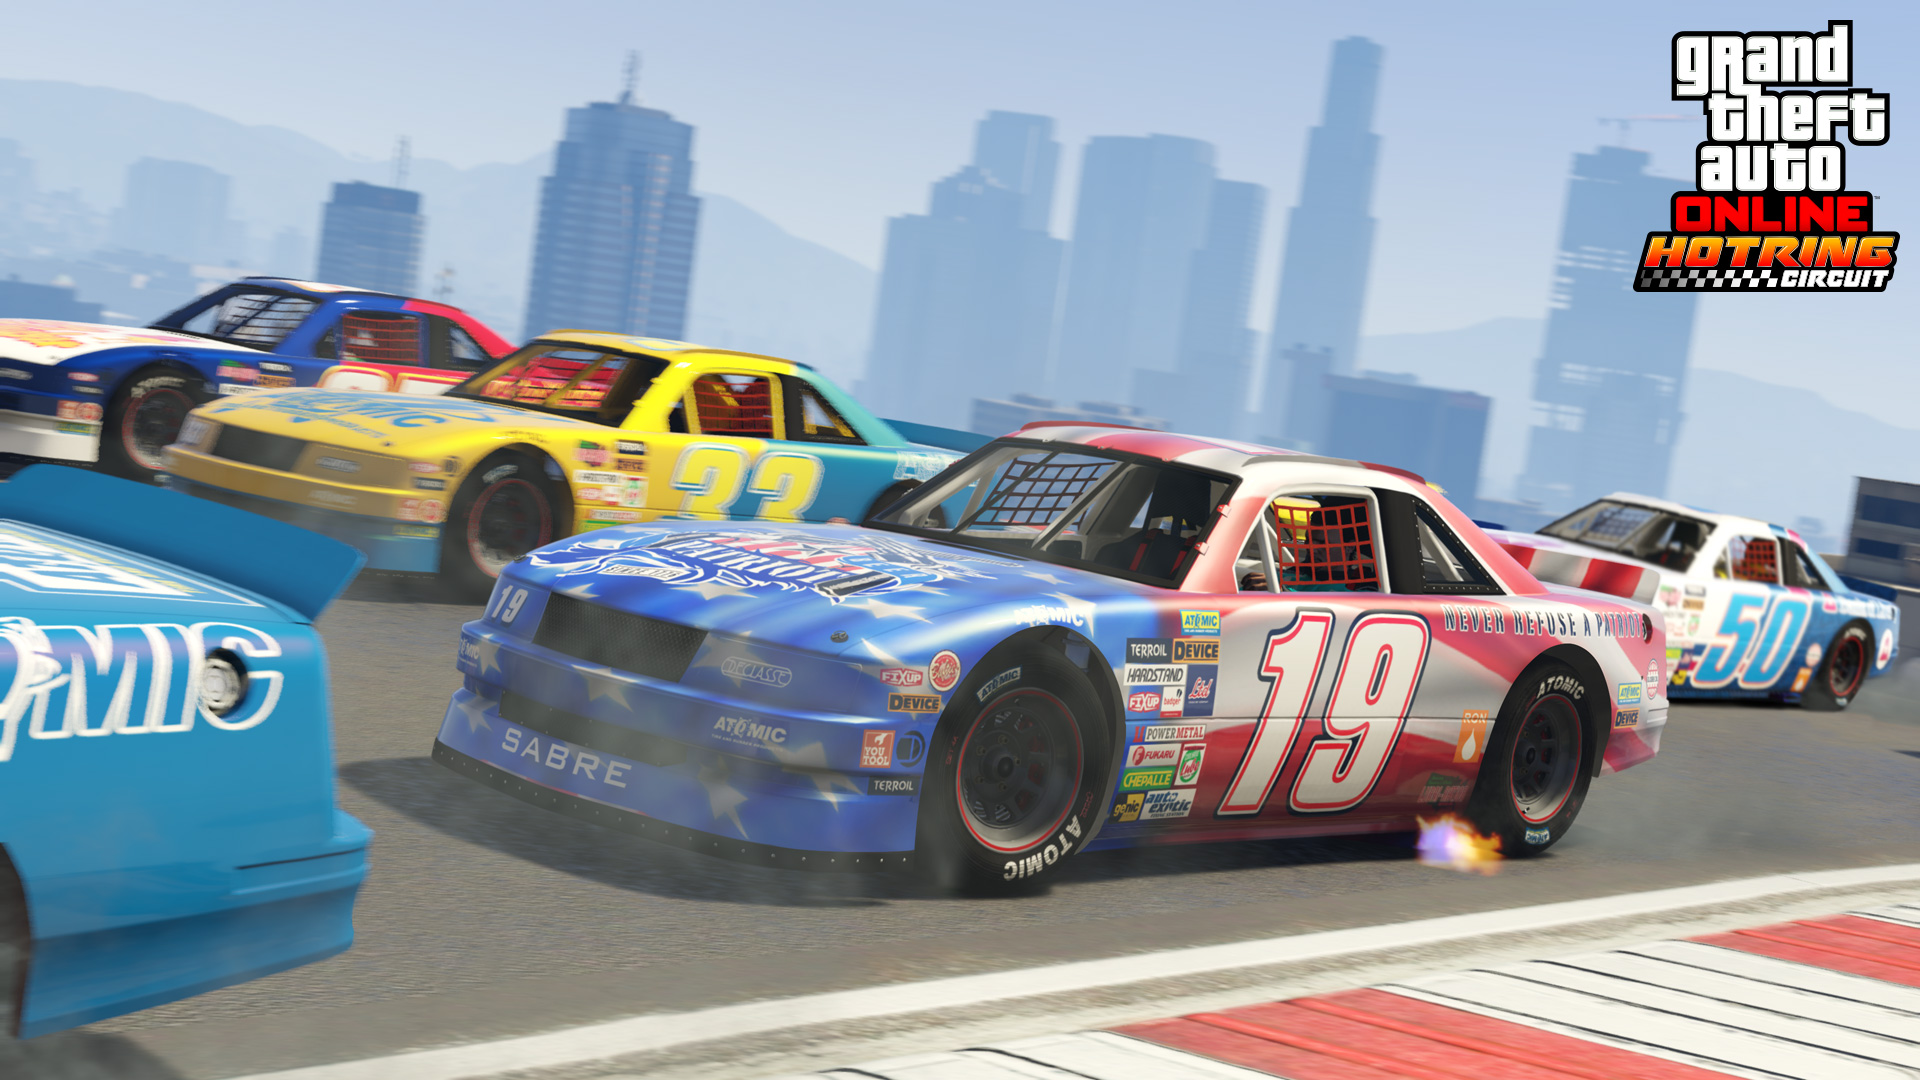 Best Car For Racing In Gta San Andreas